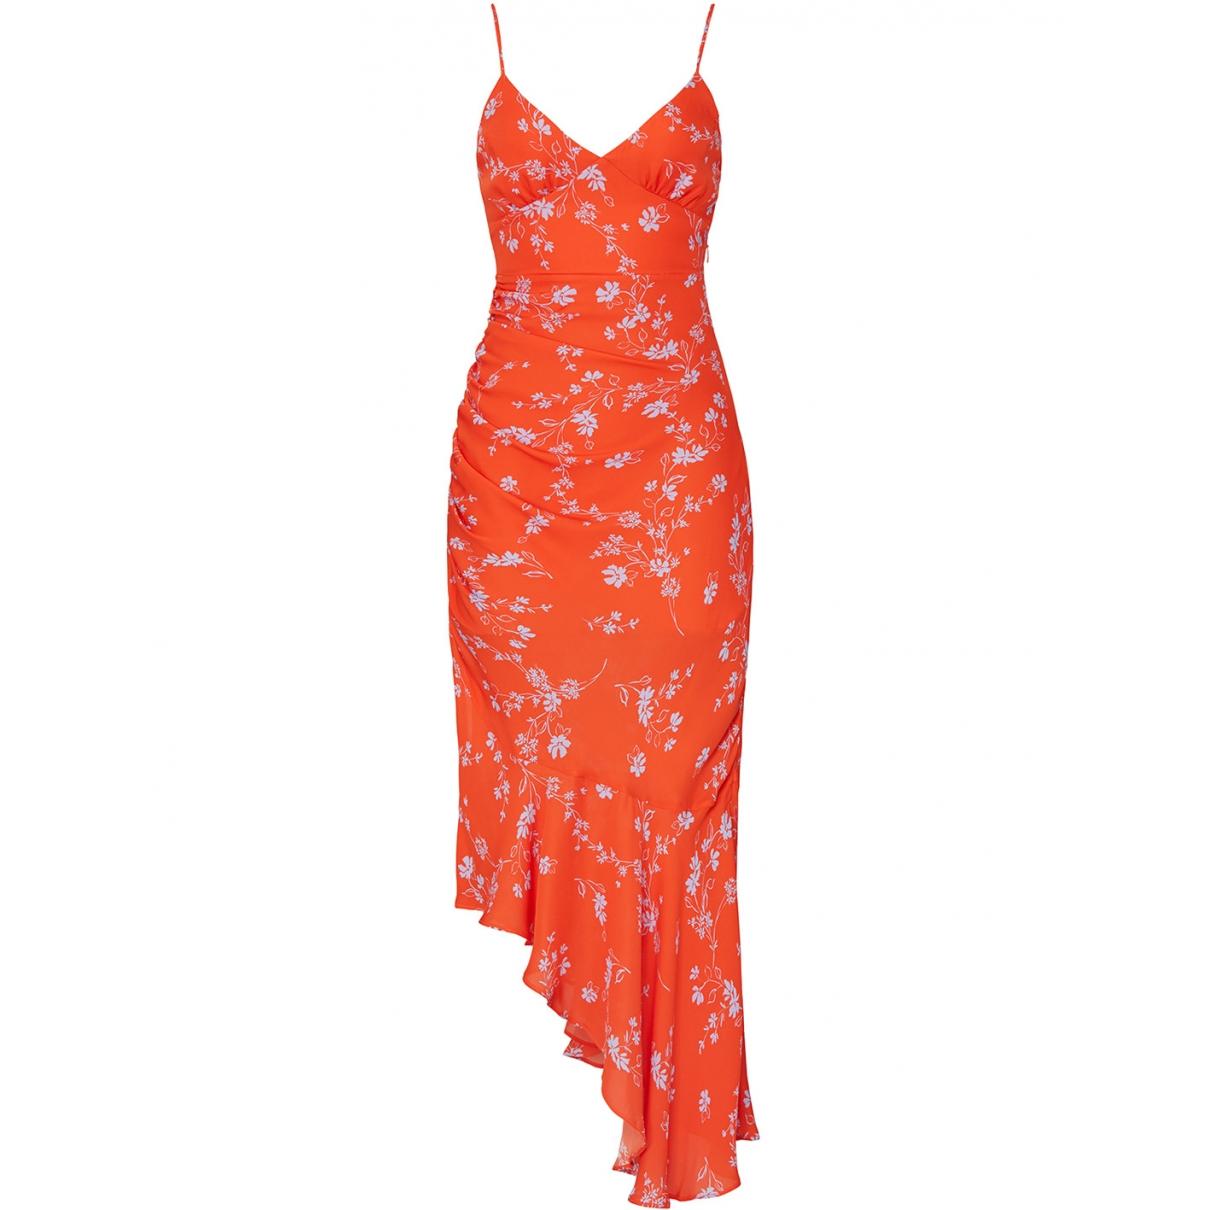 Nicholas - Robe   pour femme en soie - orange